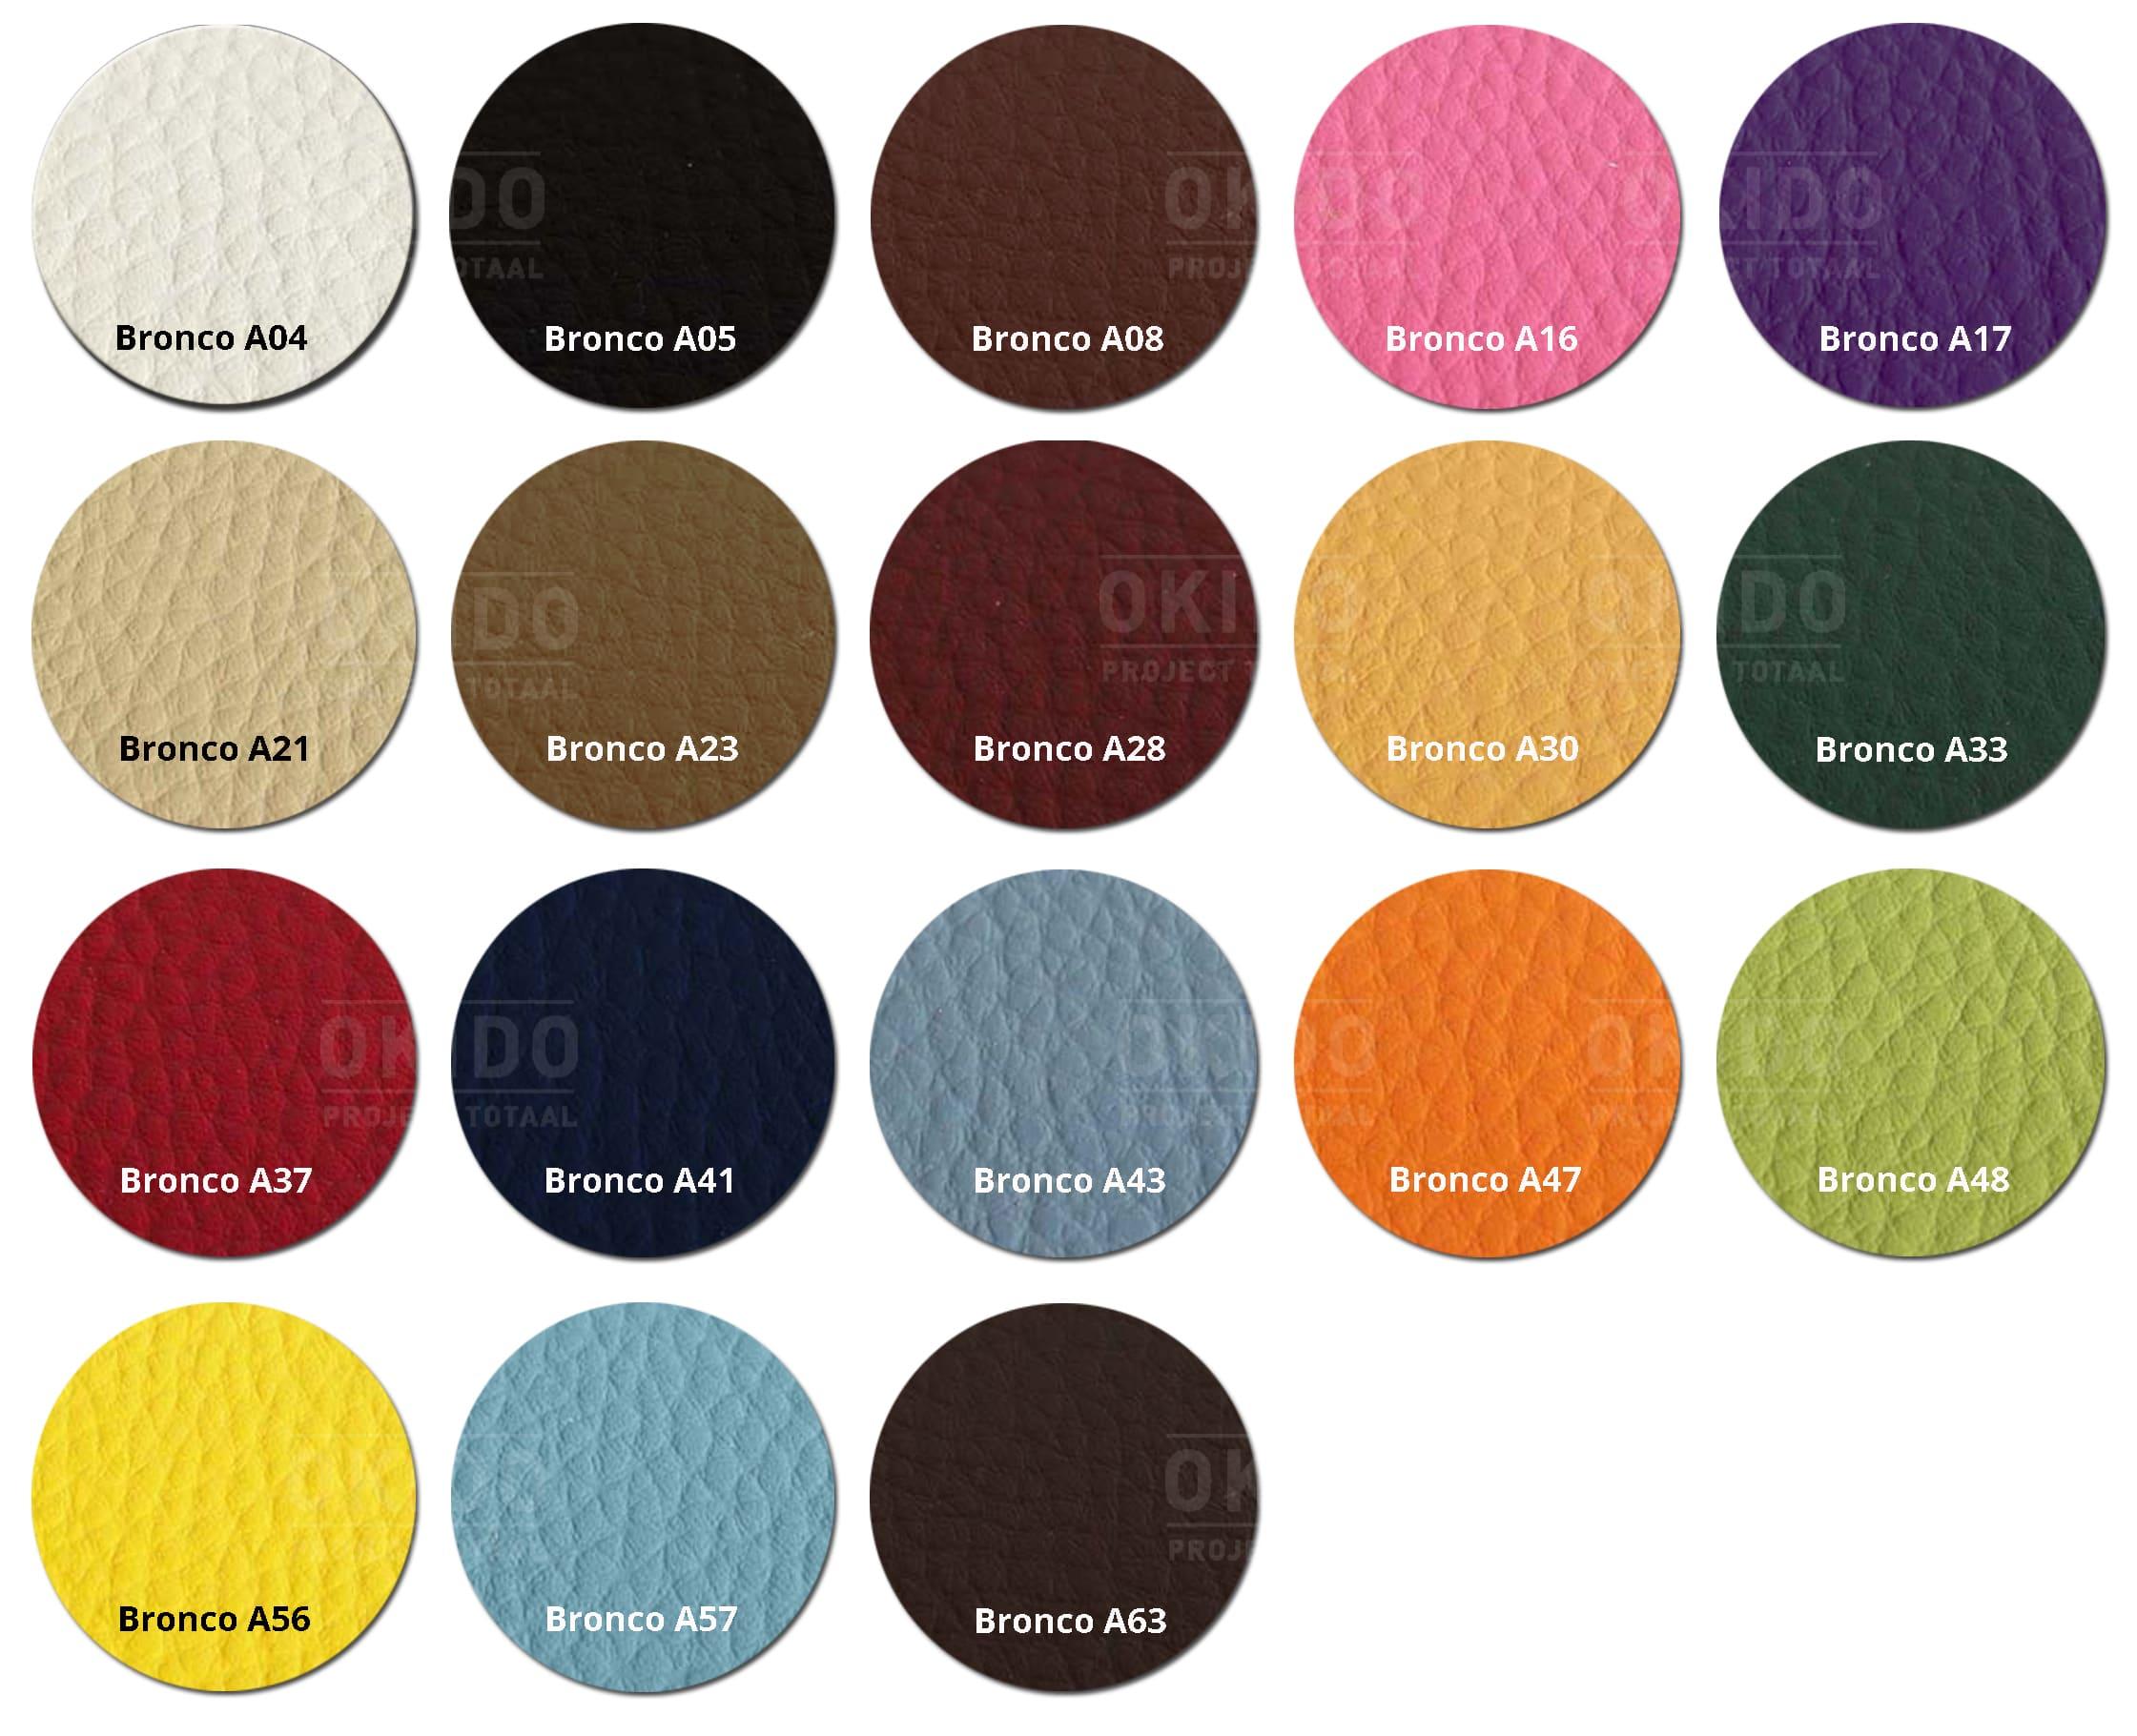 Bronco kleurrondjes met logo HOOFDFOTO - Stoel Hanna Bronco